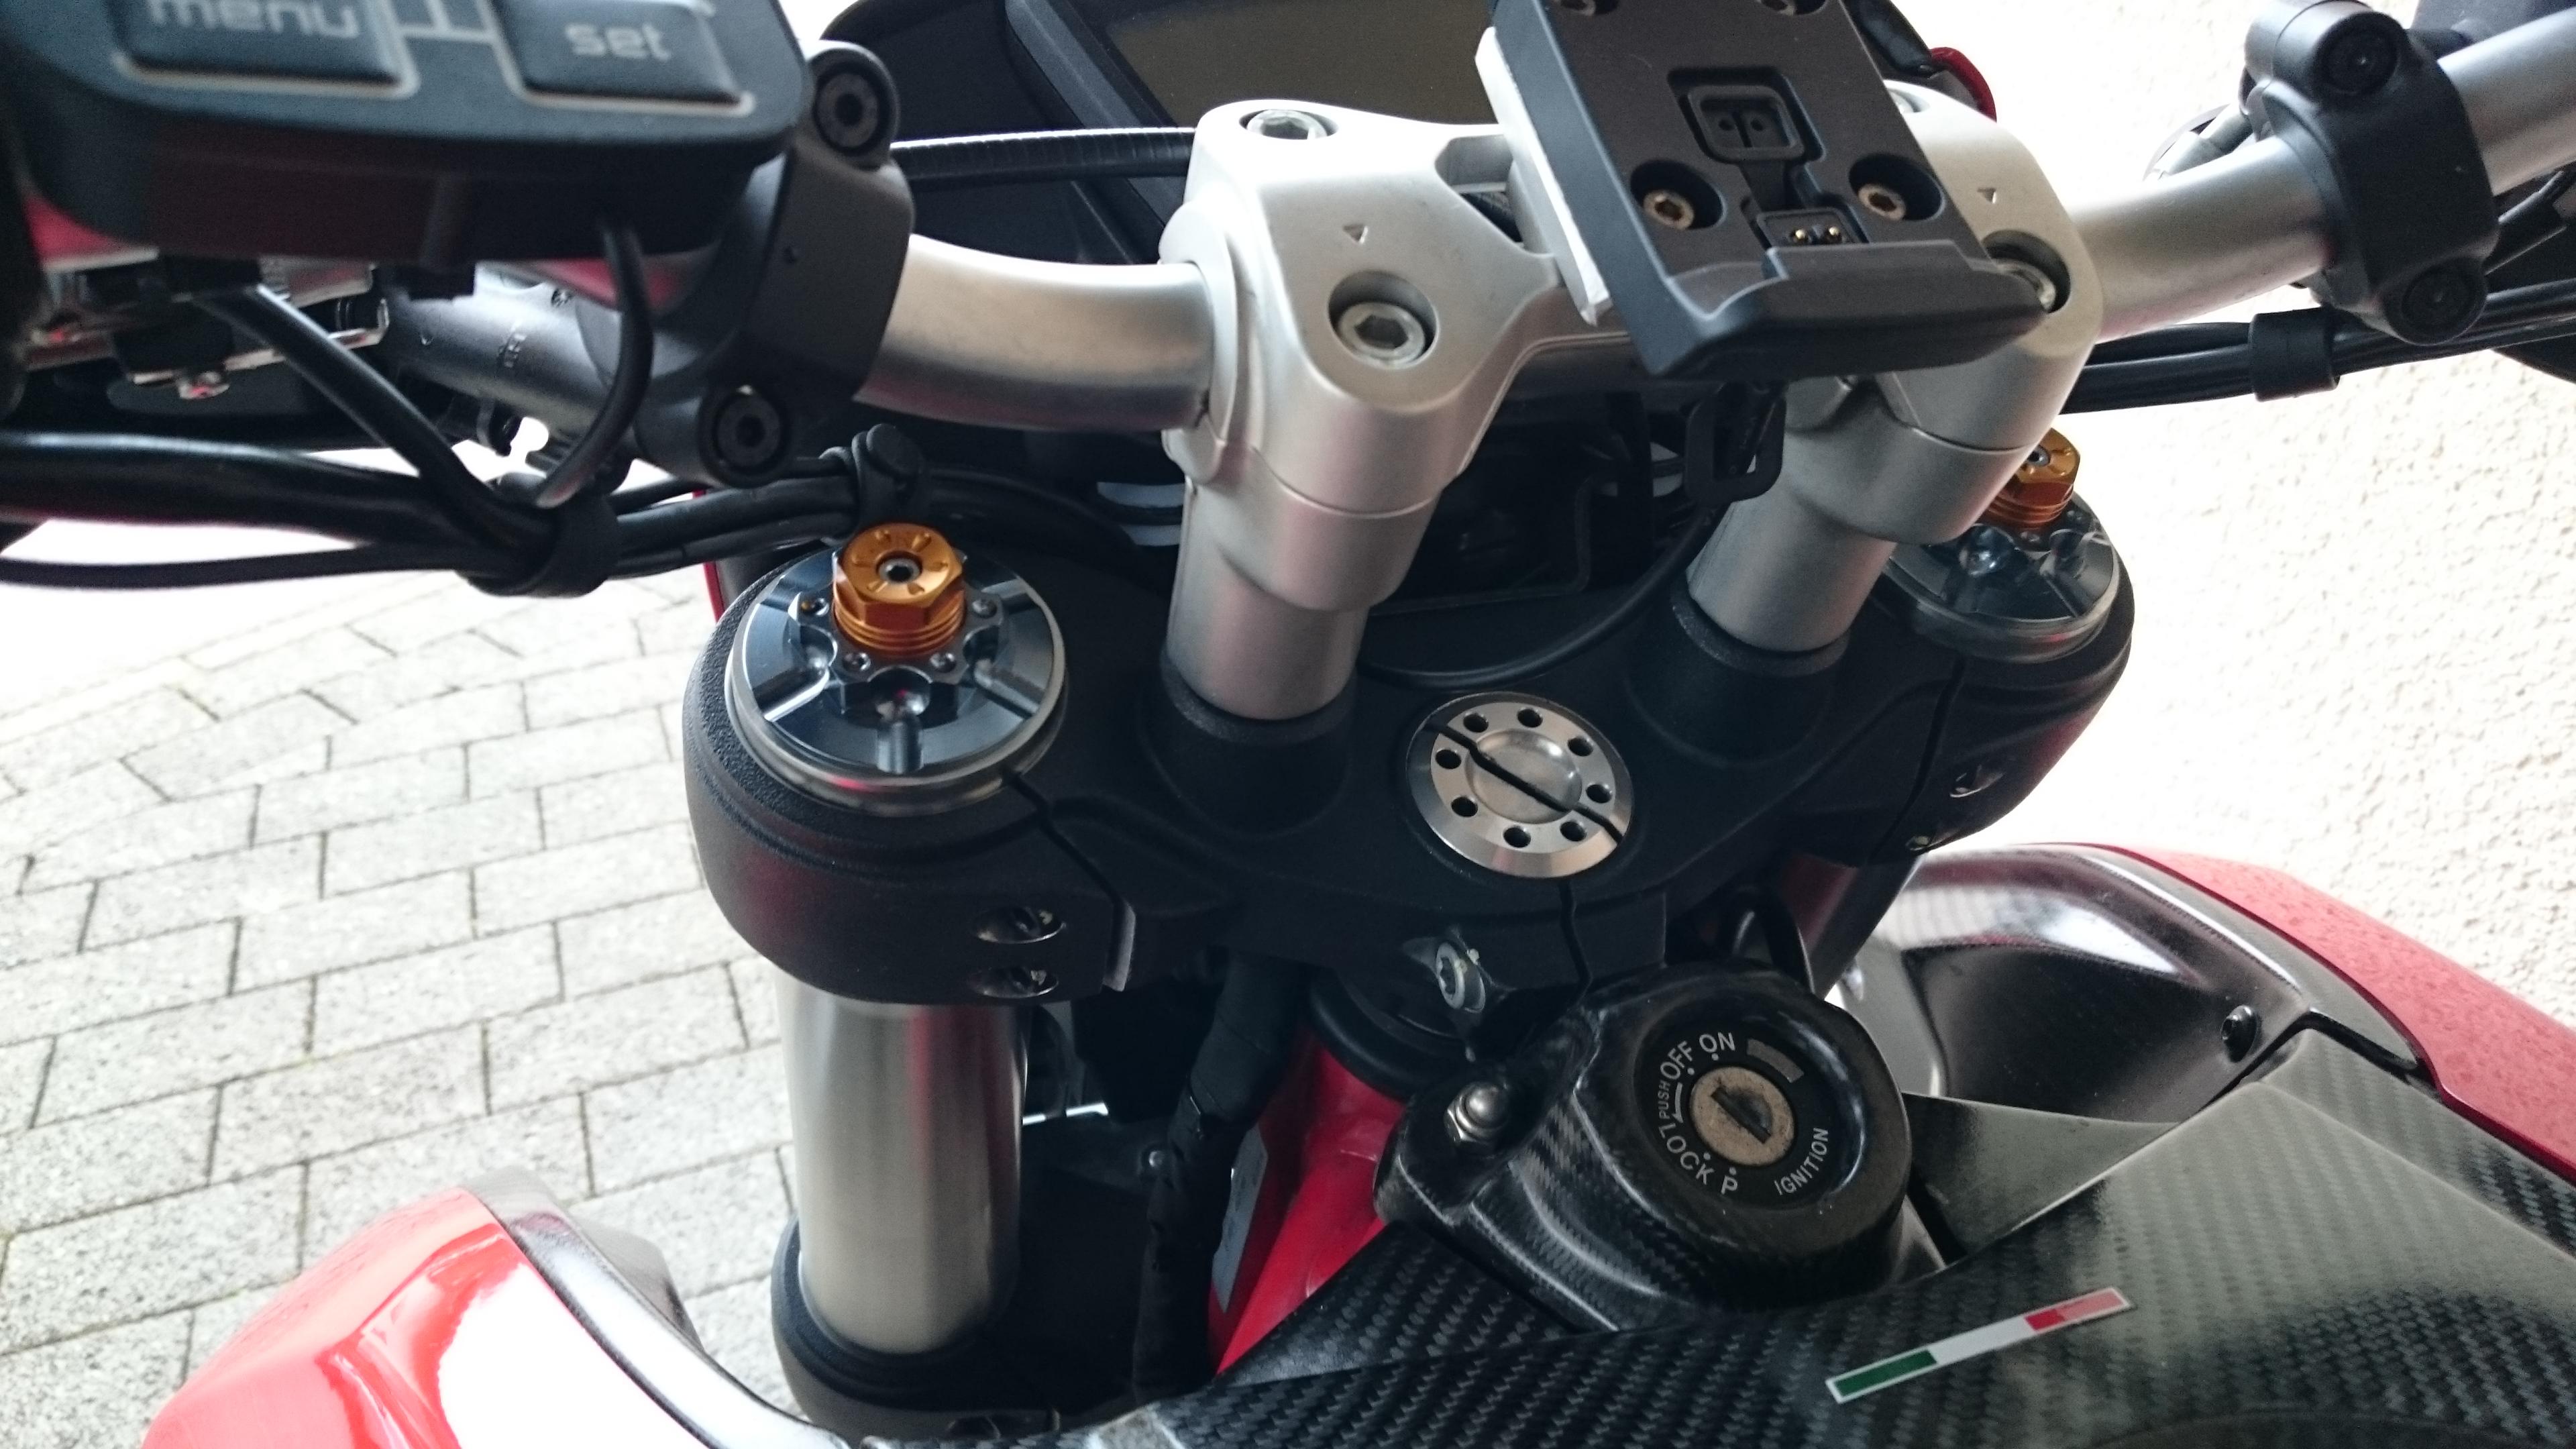 Voll einstellbares Fahrwerk für die normale HYM - Reifen, Bremsen ...